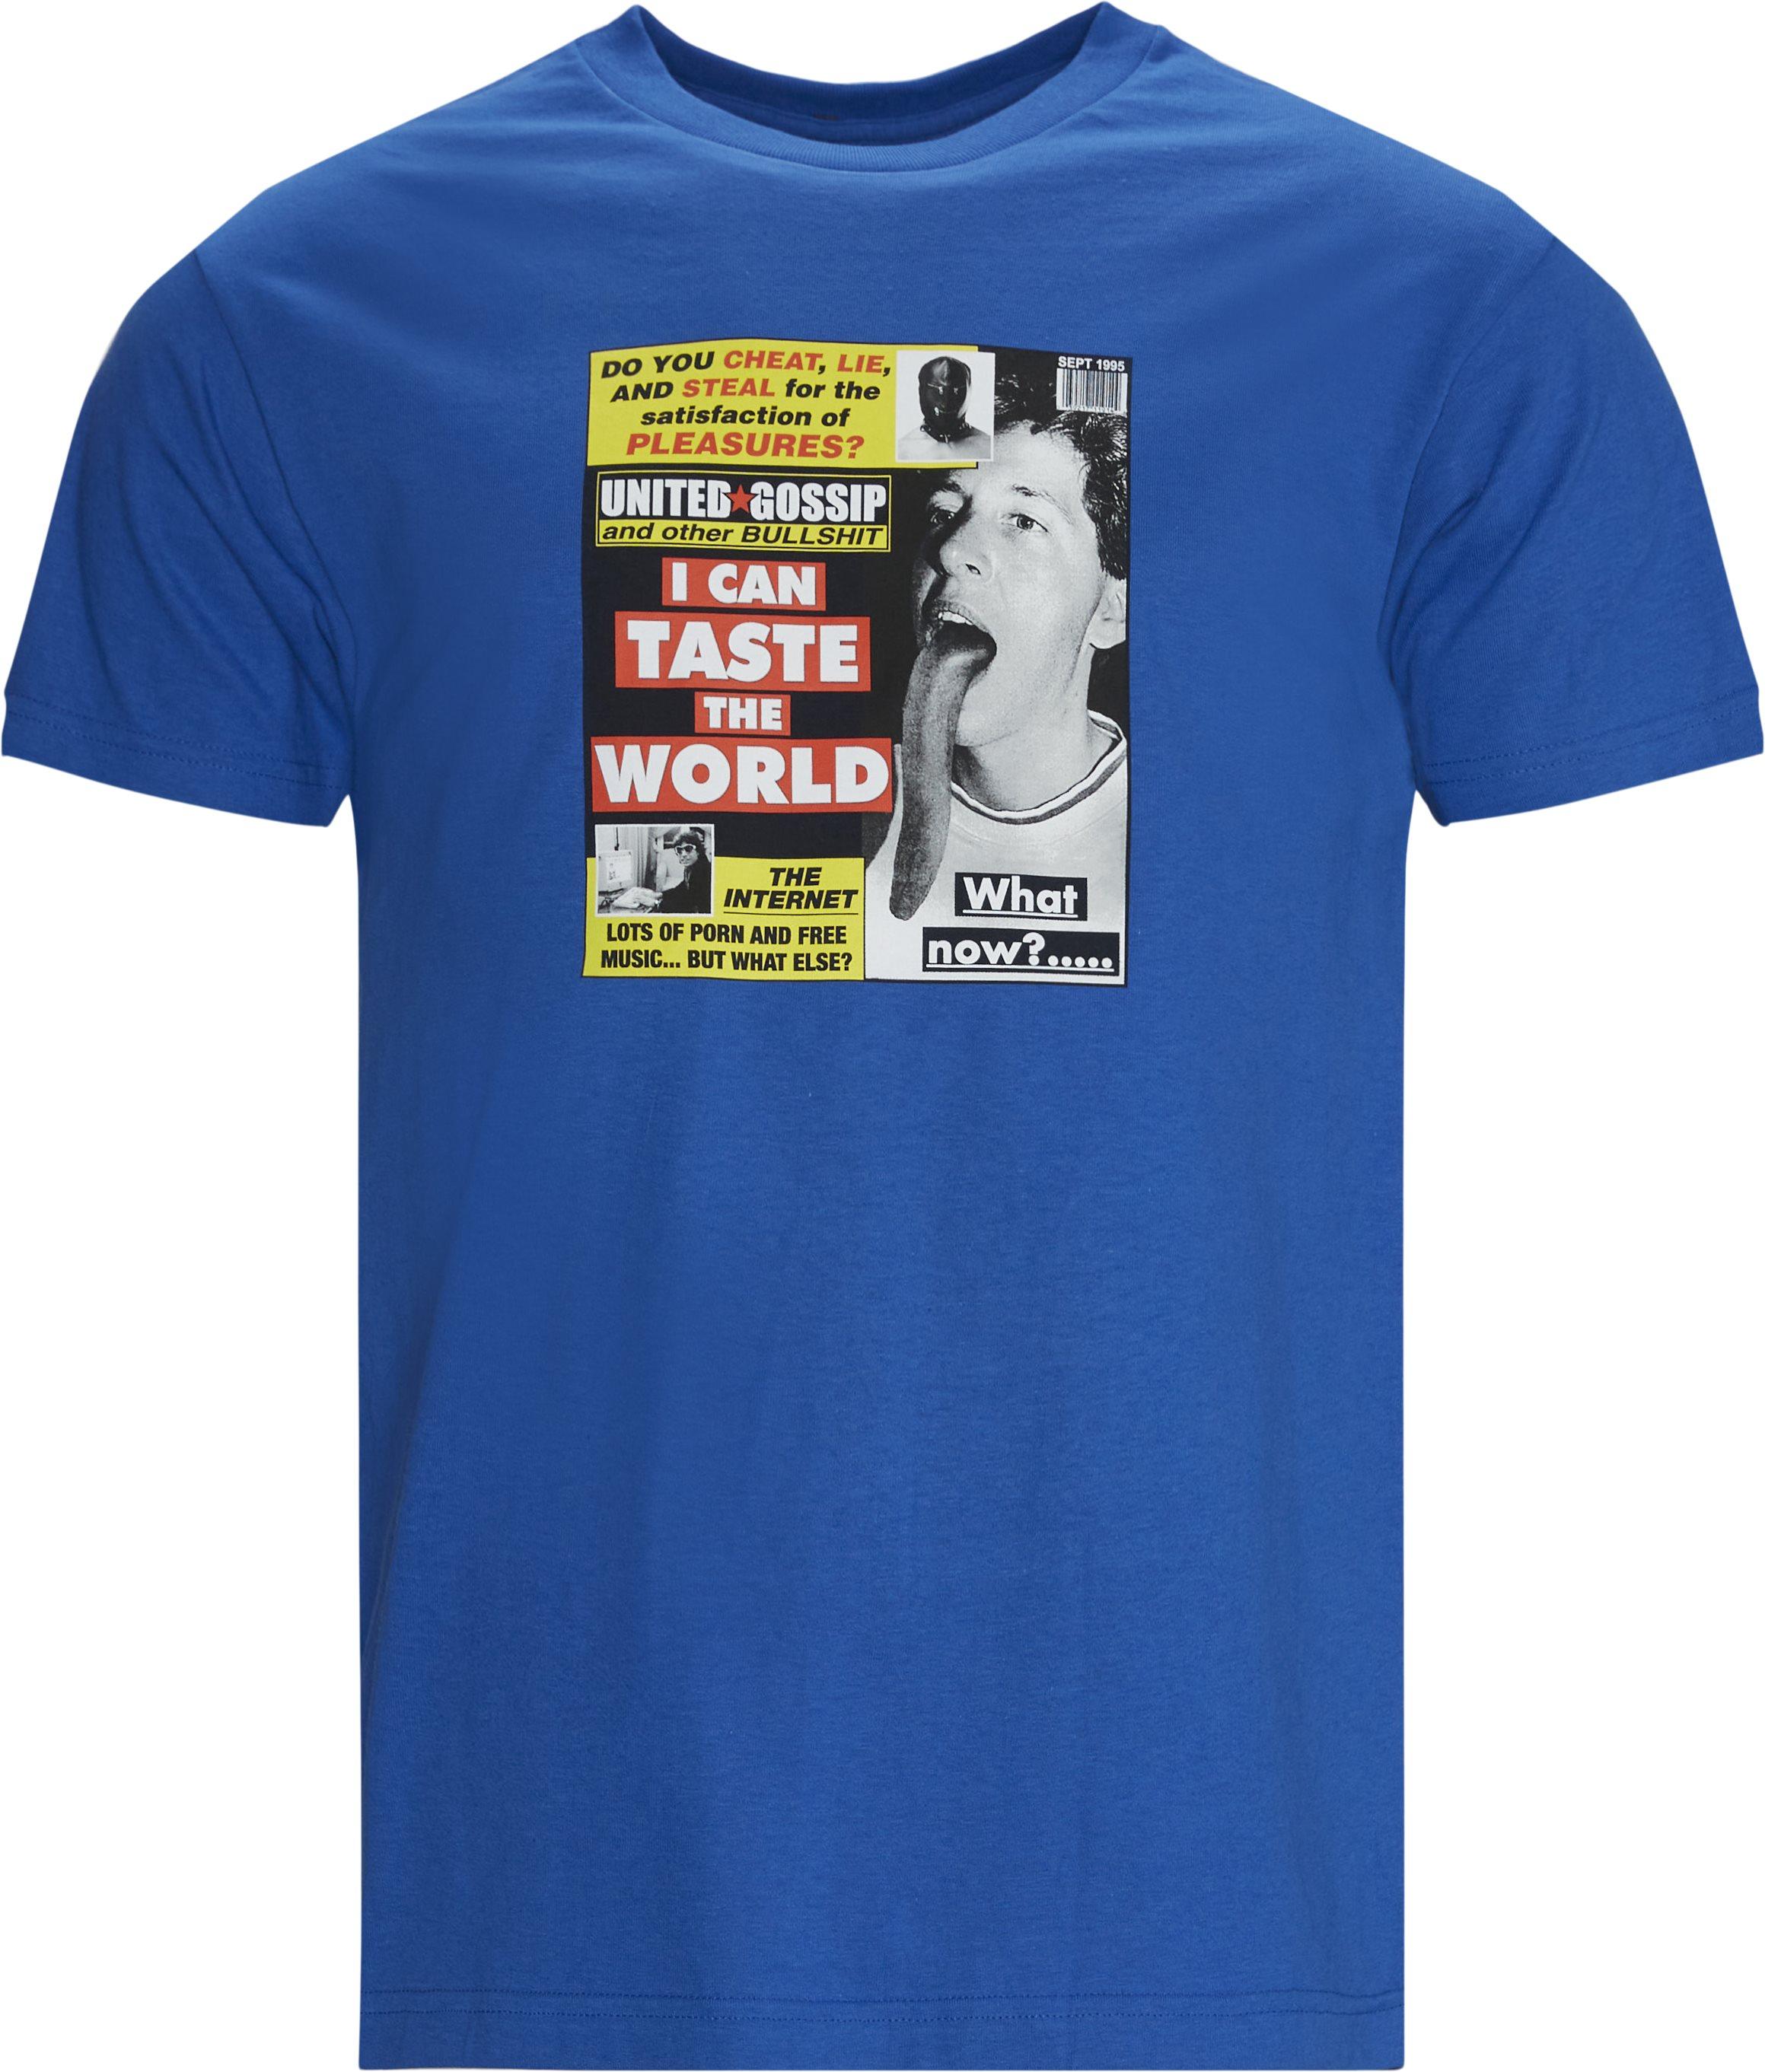 Gossip Tee - T-shirts - Regular fit - Blå